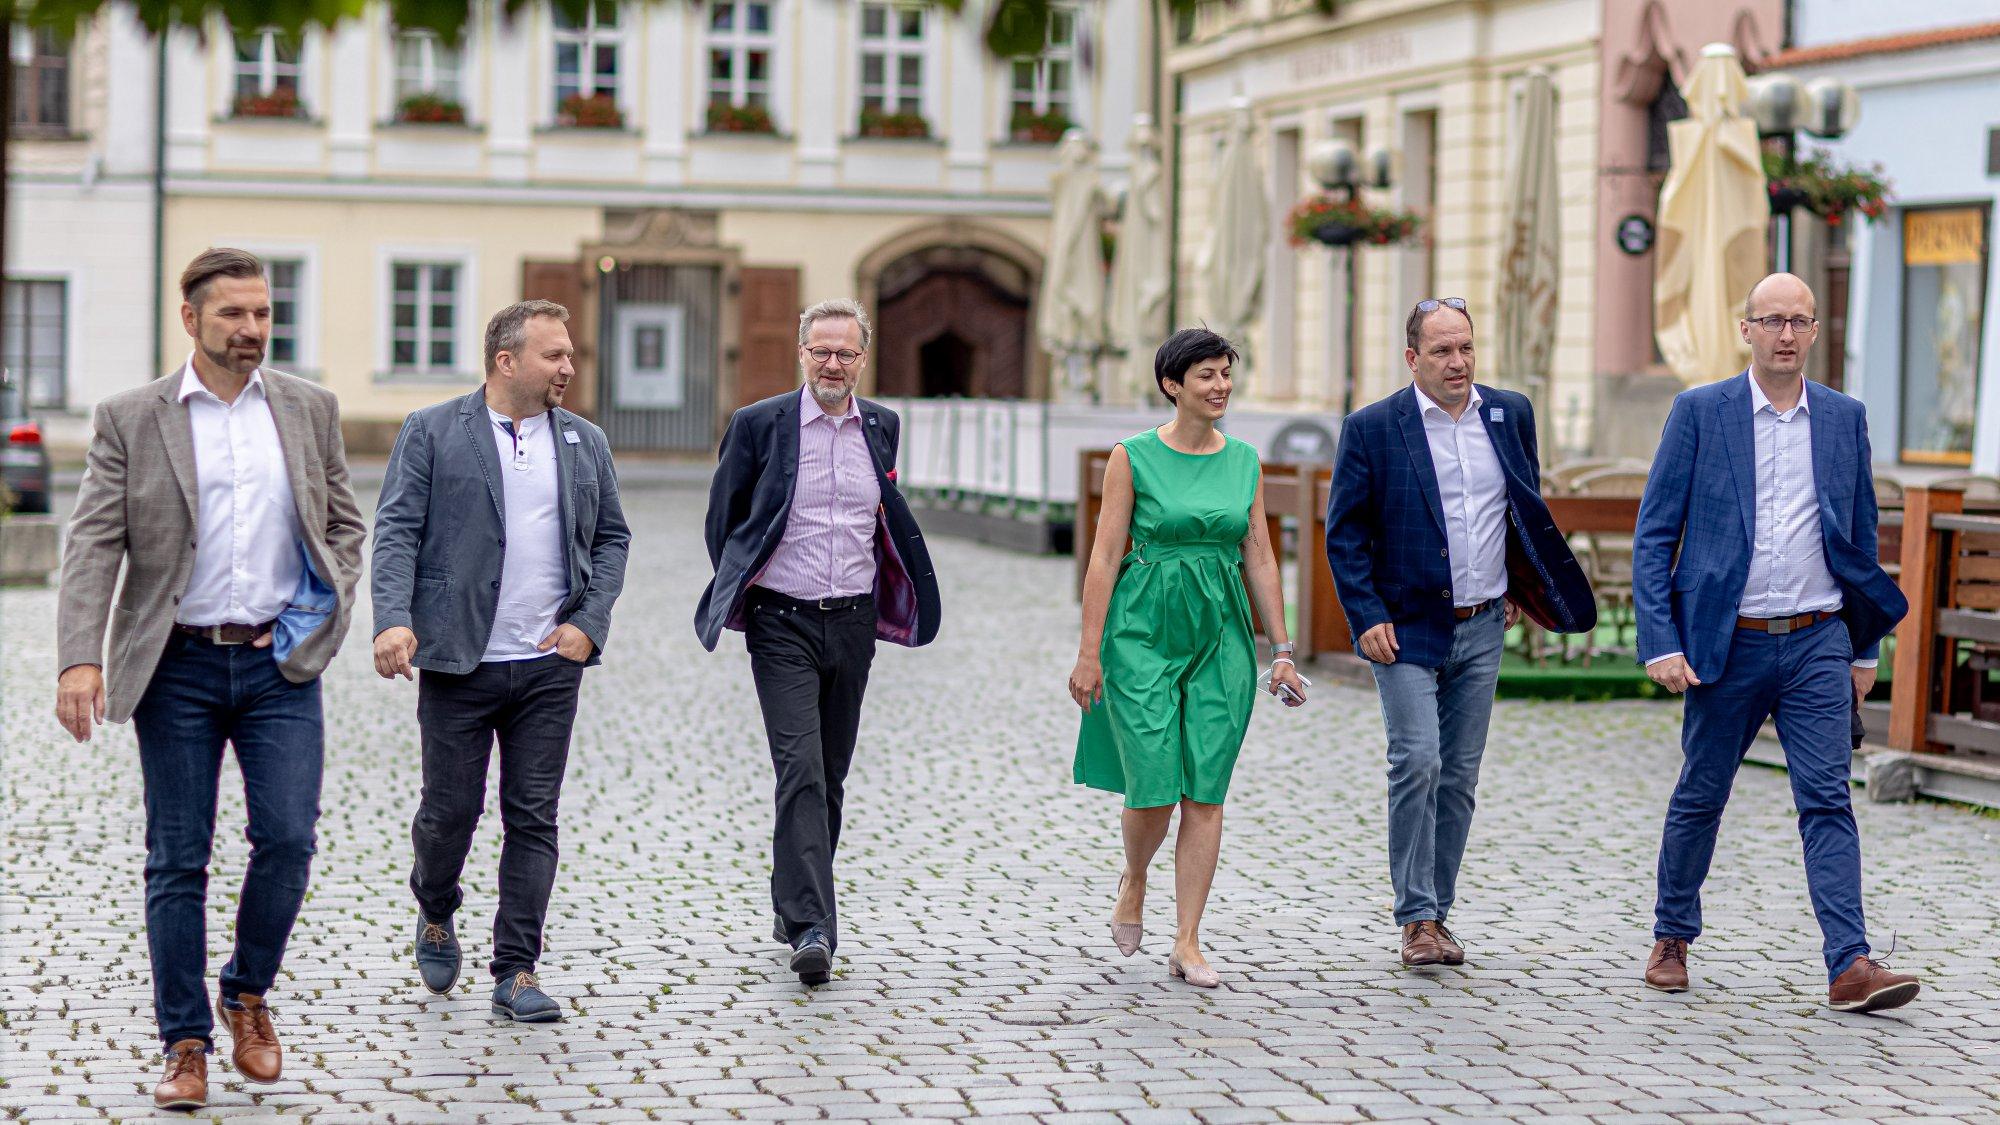 Koalice SPOLU: Dálnice postavíme co nejrychleji